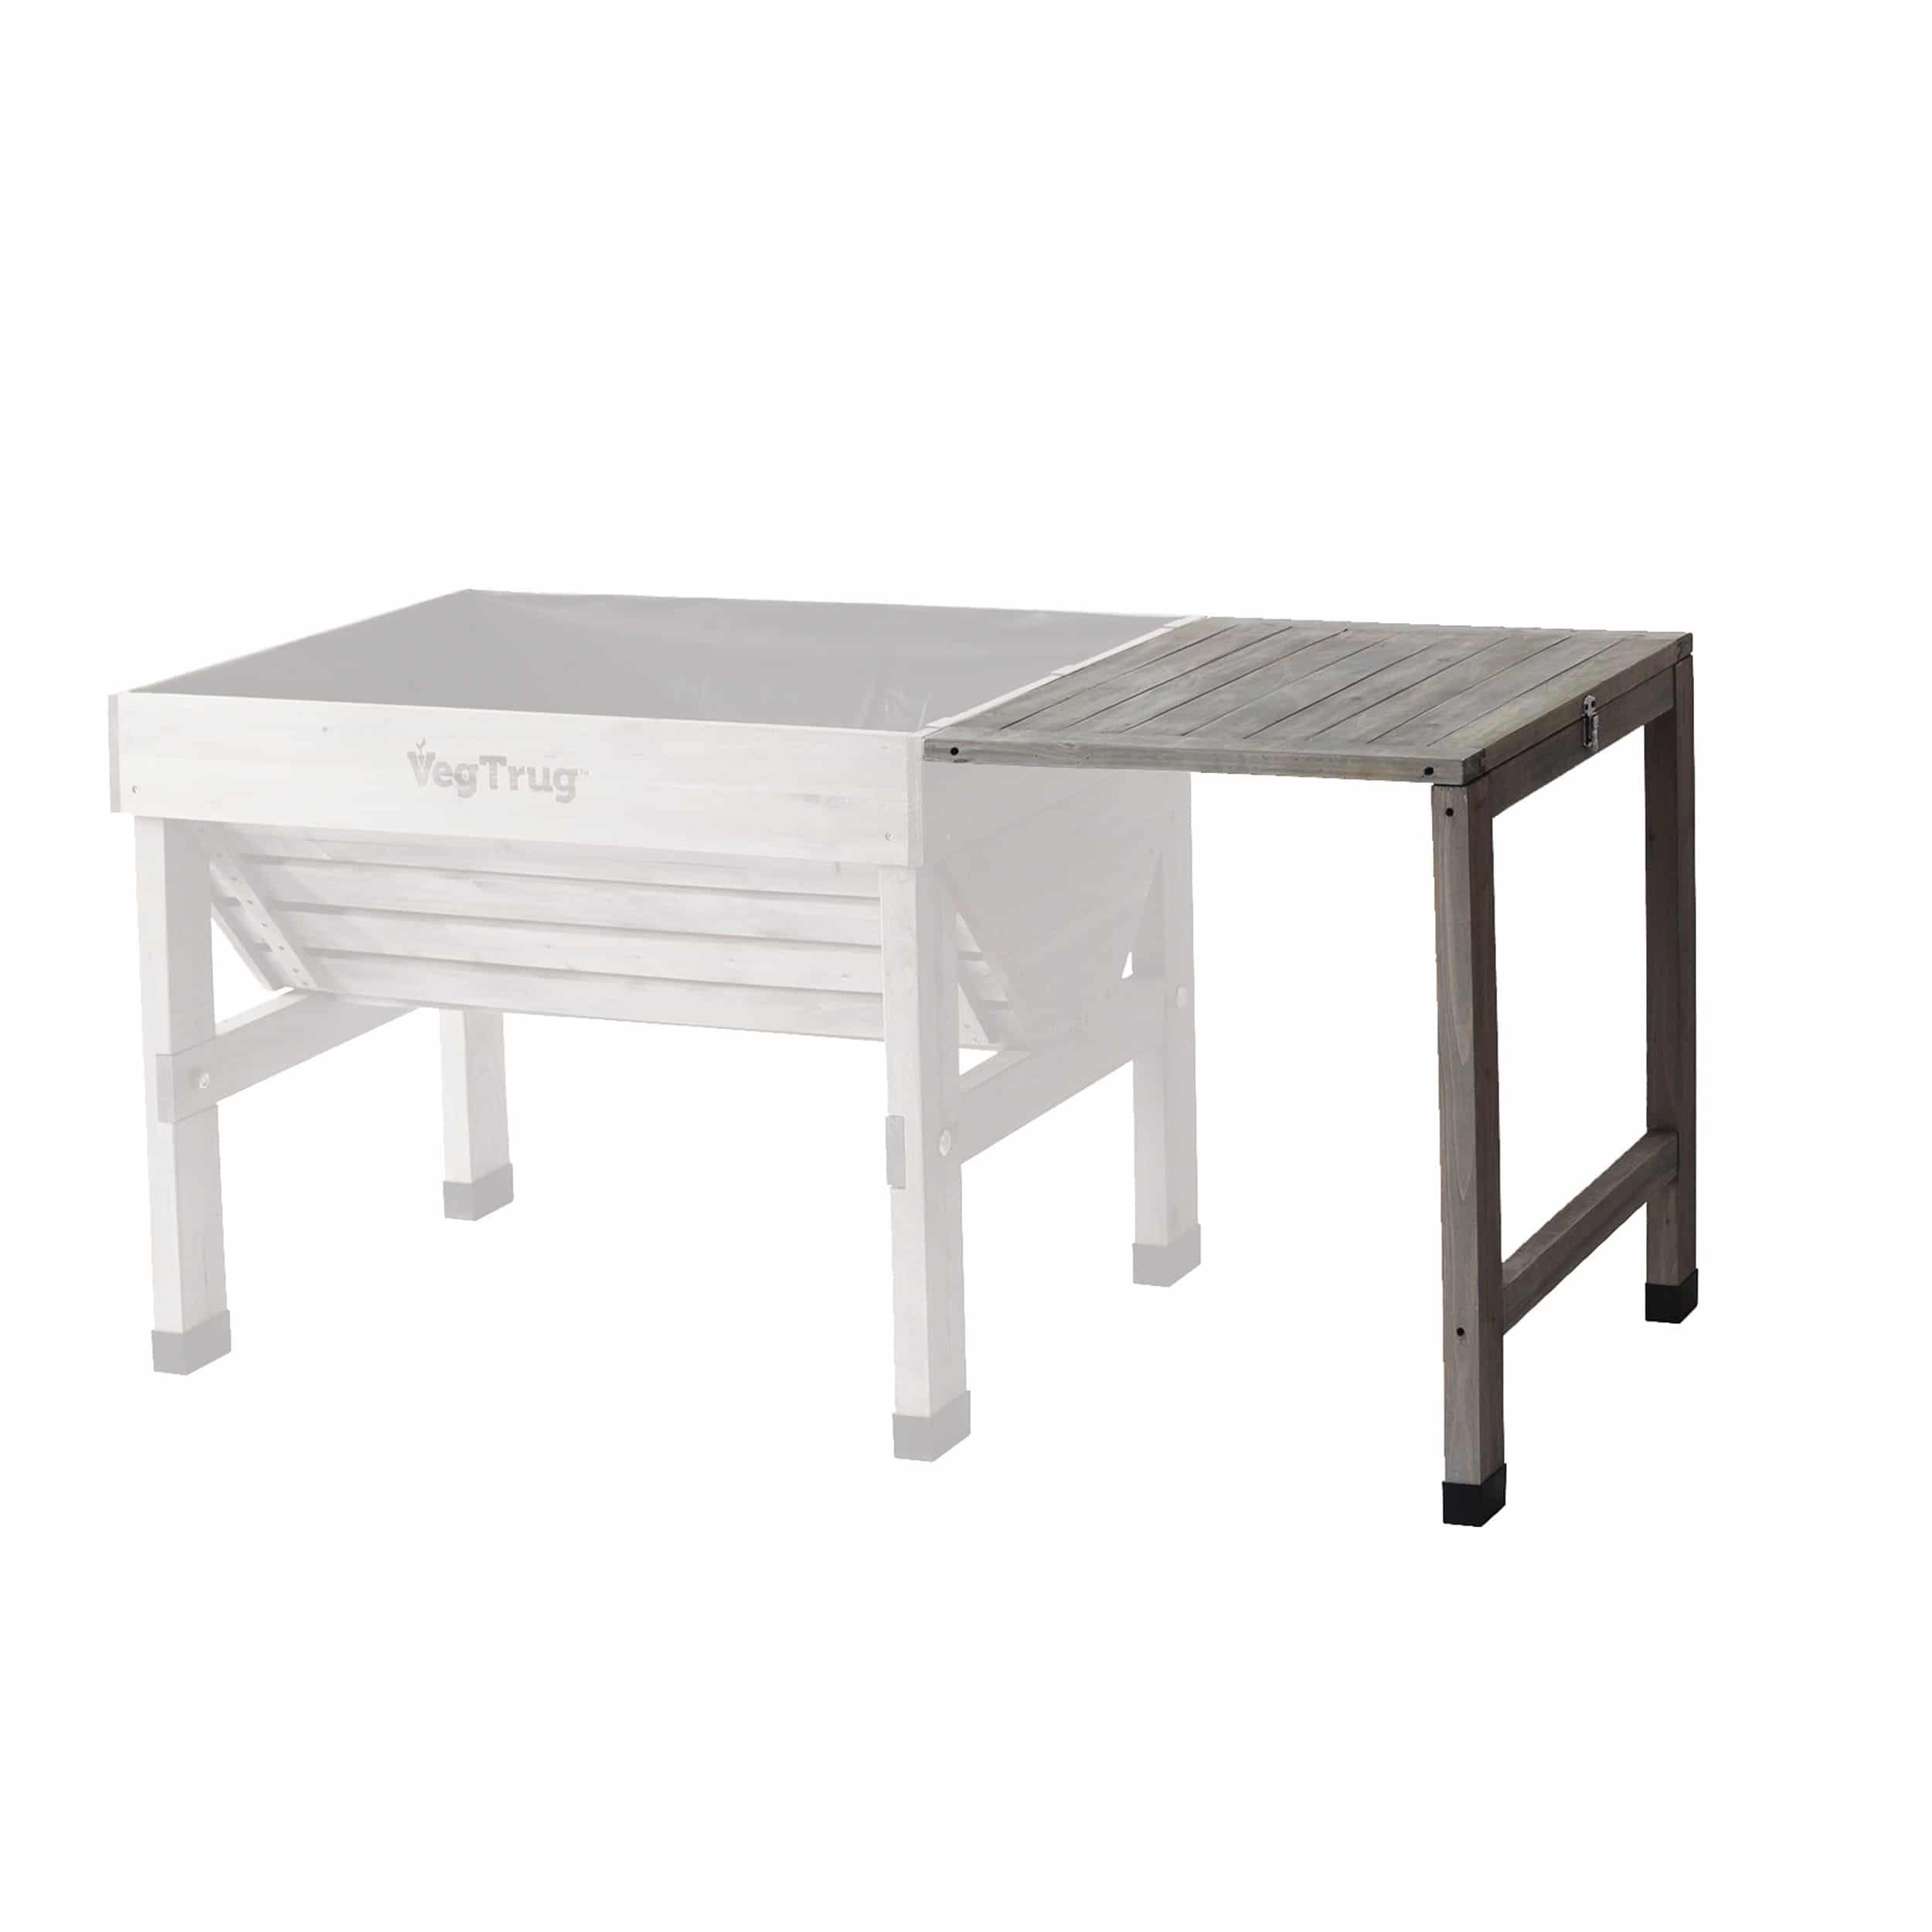 Beistelltisch für VegTrug Small und Medium grey wash